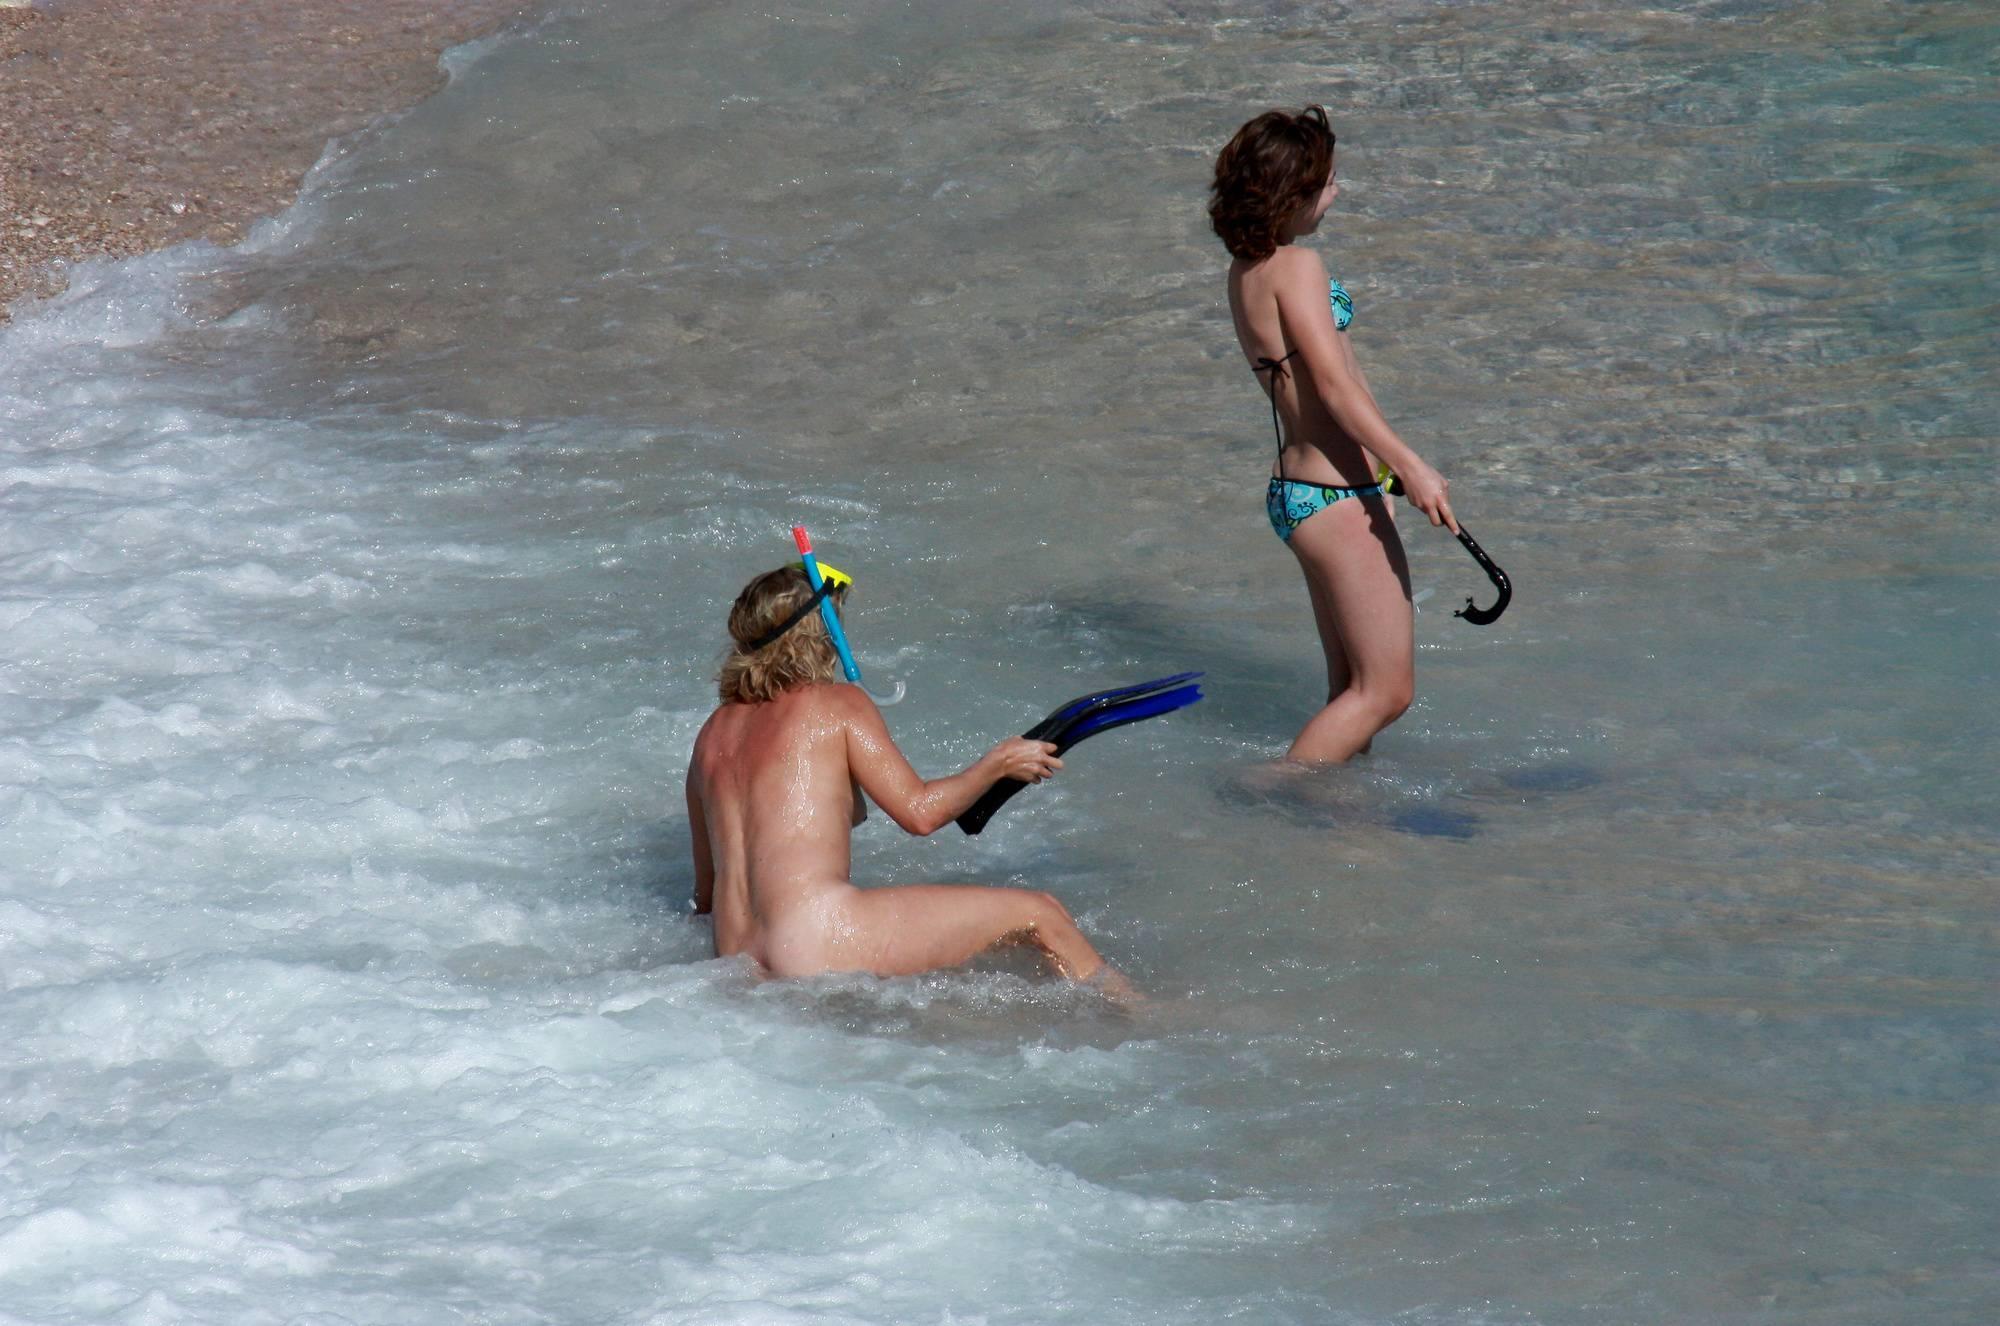 Nudist Pictures Nudist Snorkeling Shores - 2